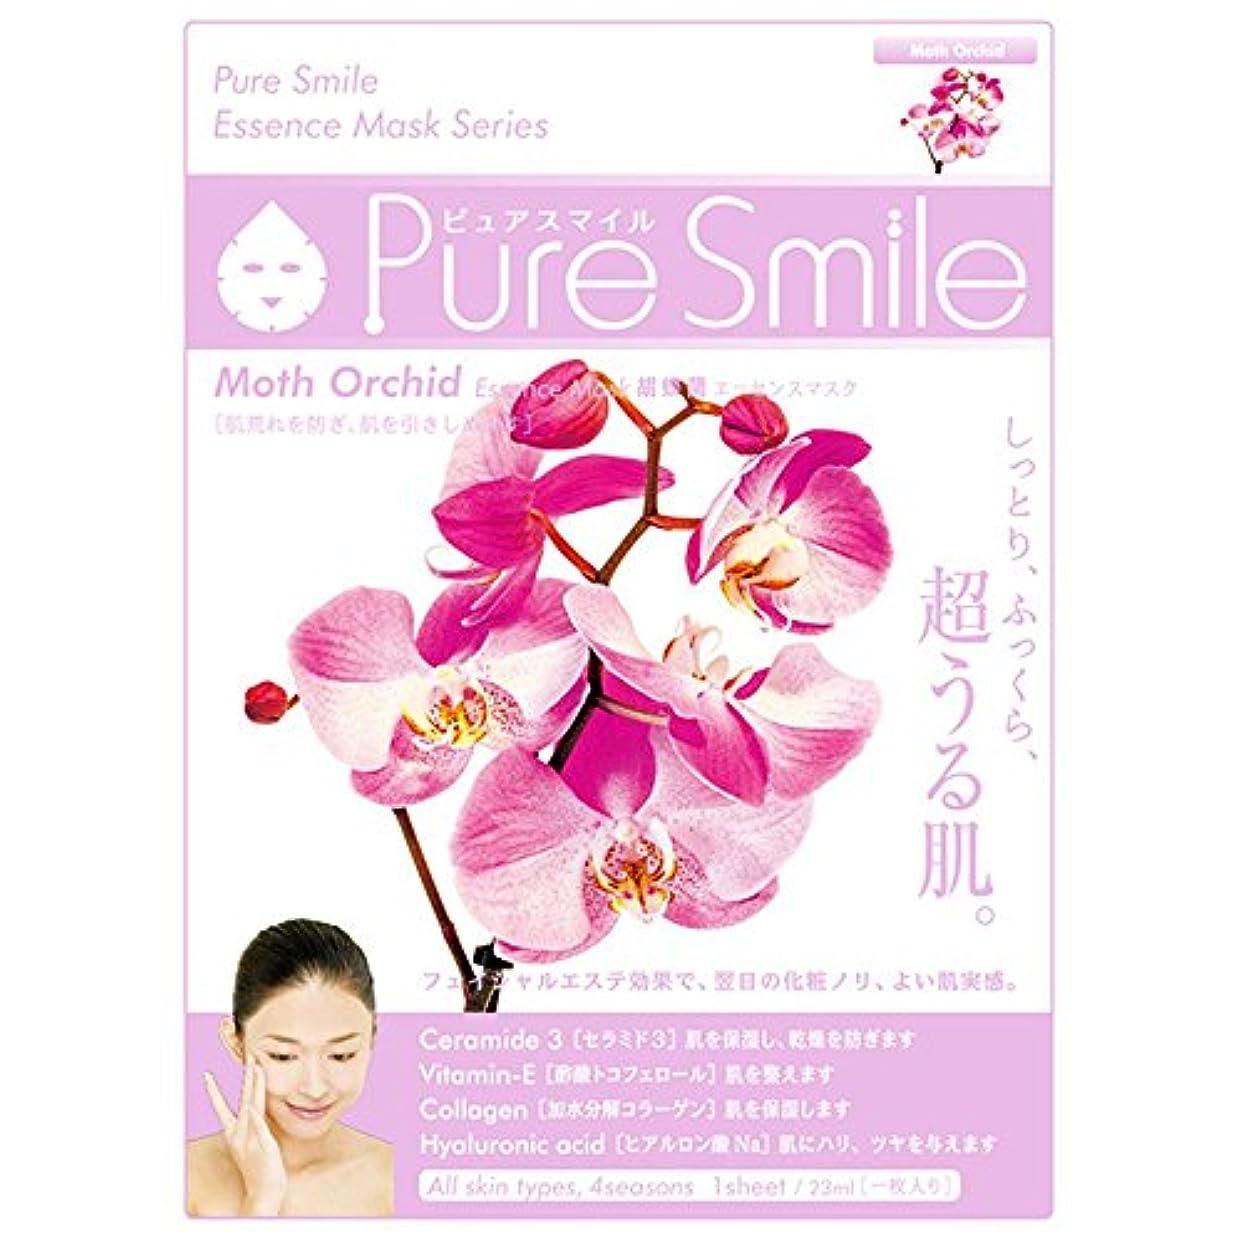 経験的コピー写真撮影Pure Smile/ピュアスマイル エッセンス/フェイスマスク 『Moth Orchid/胡蝶蘭』